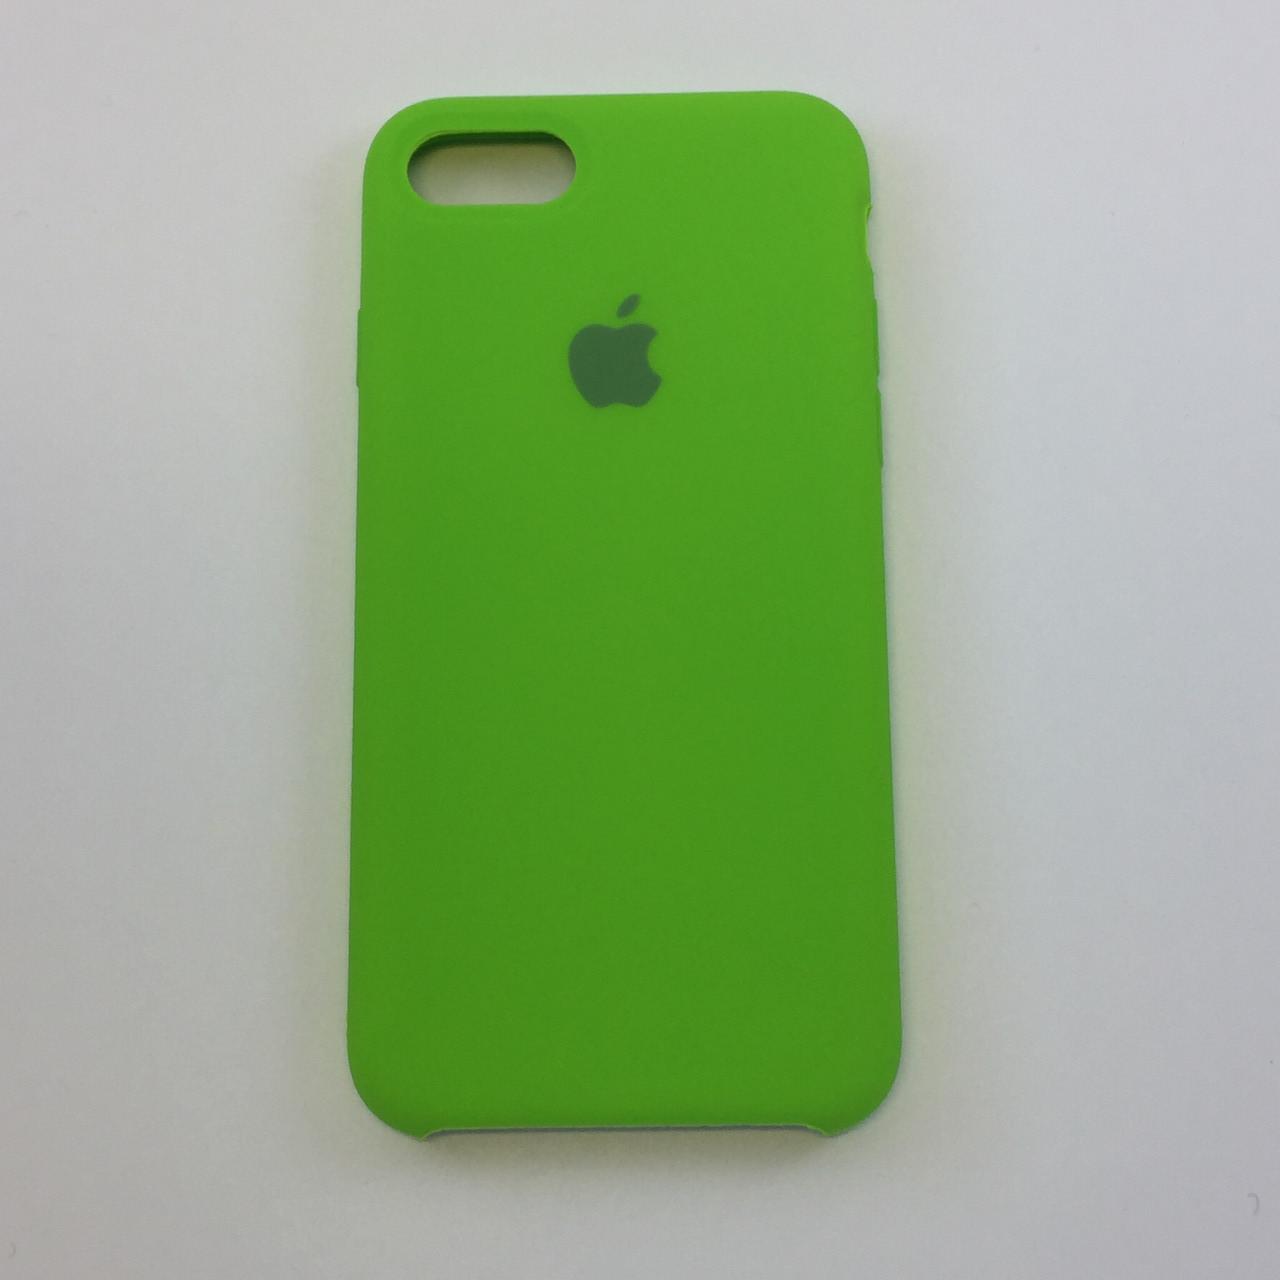 Силиконовый чехол для iPhone 7 Plus, - «лайм» - copy original